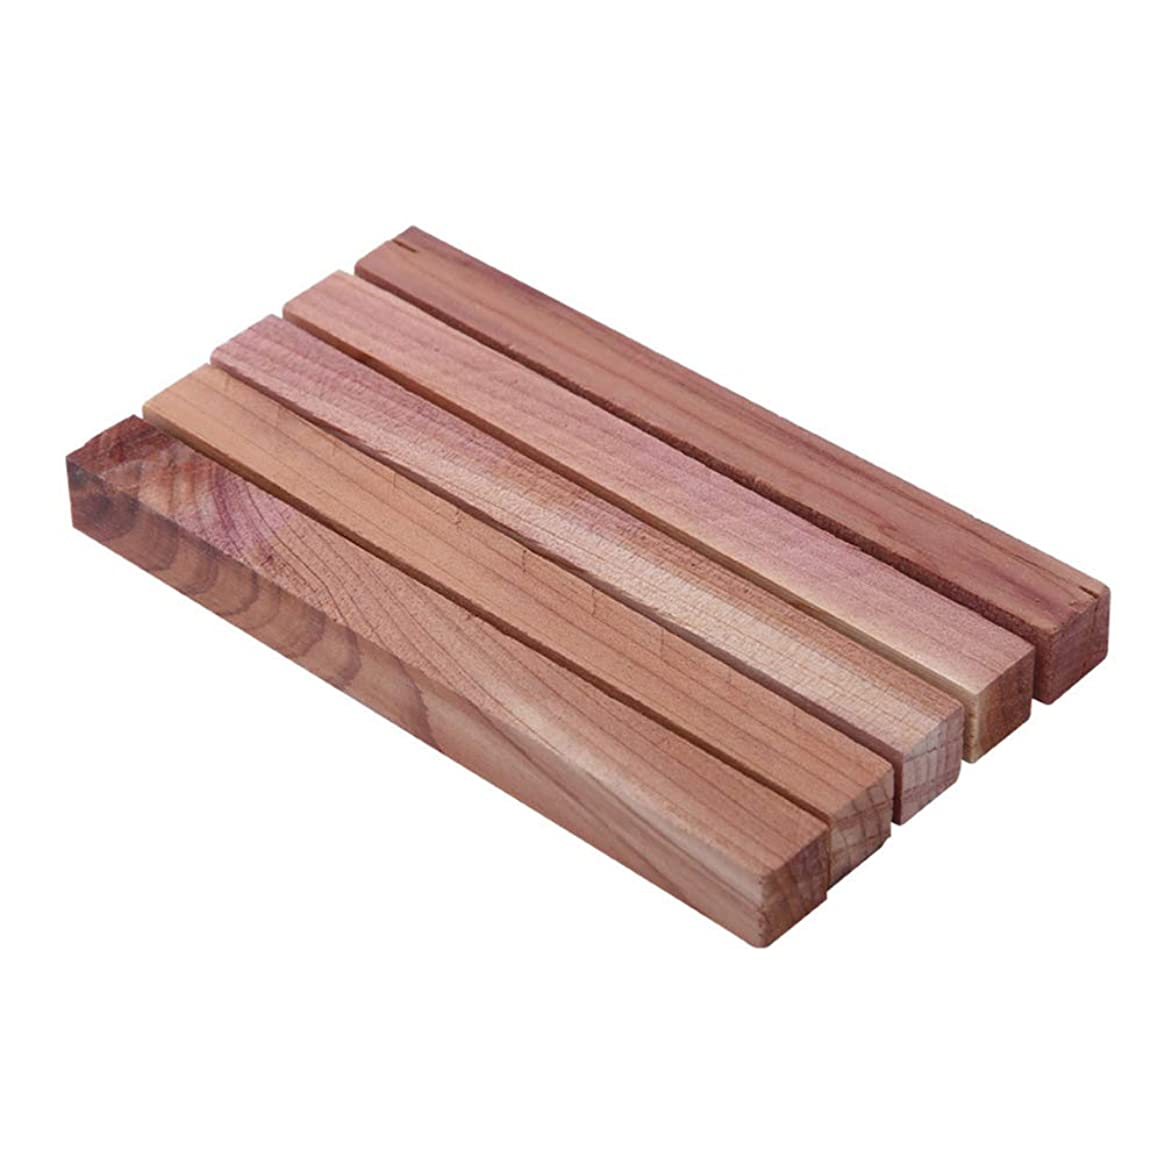 抹消尾おもしろいOUNONA 天然防虫剤 レッドシダー 天然杉ウッド 防虫 除湿 脱臭 ワードローブ/クローゼット/引き出しなど用 5個入り